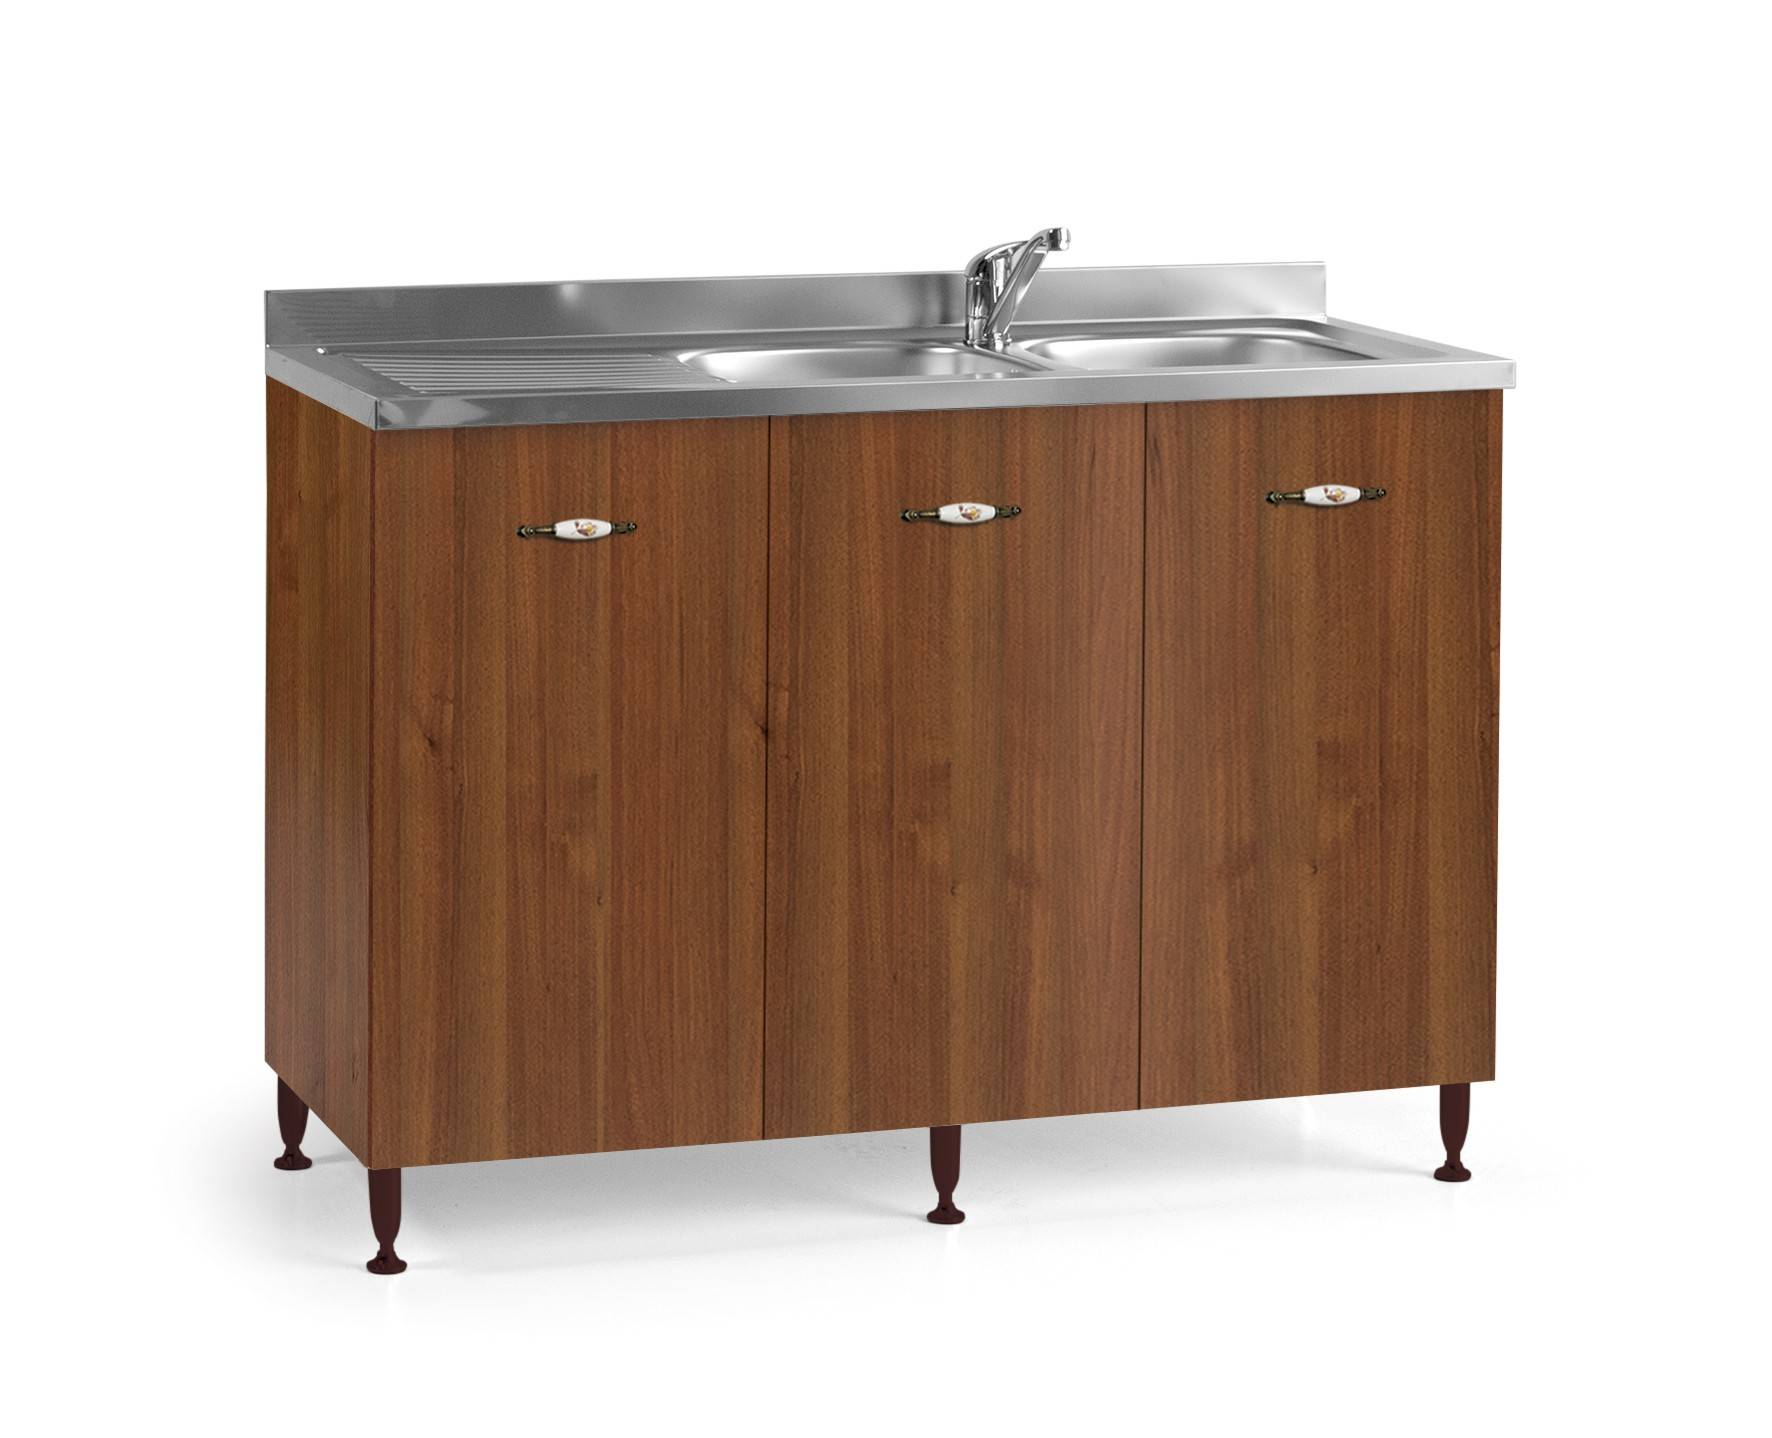 caesaroo base sottolavello cucina 120x50xh85 in legno noce antico con lavello a doppia vasca   noce